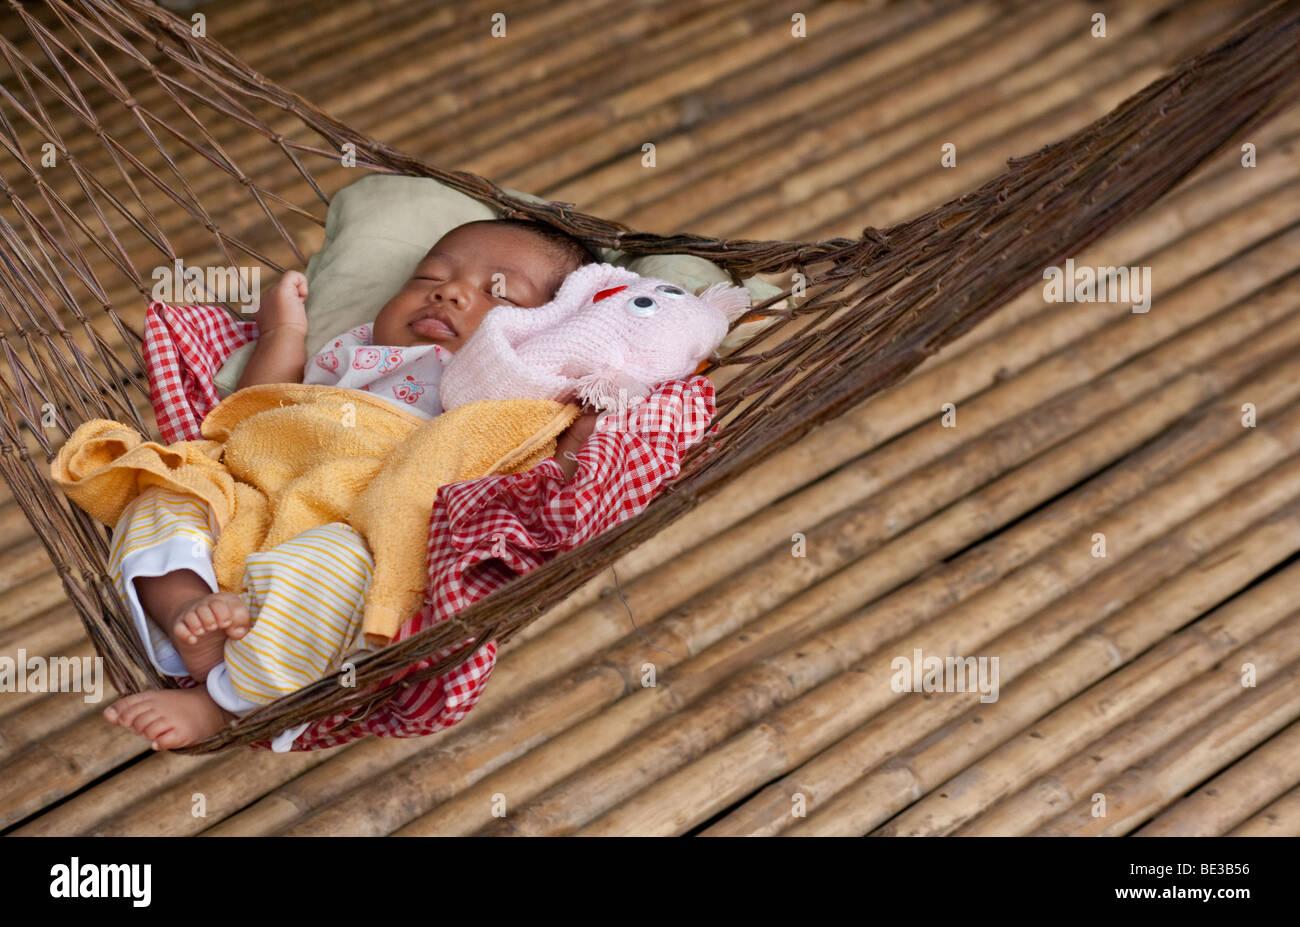 Young Cambodian baby sleeping in hammock, Kampong Chhnang, Cambodia Stock Photo